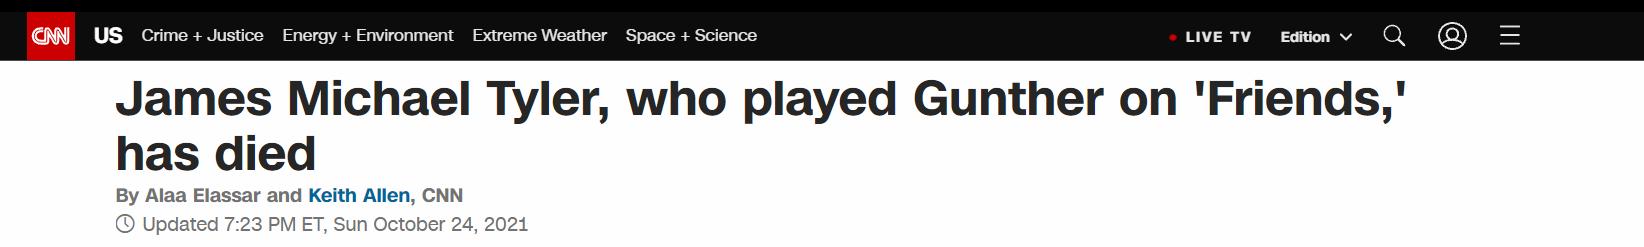 美媒:《老友记》中甘瑟扮演者去世